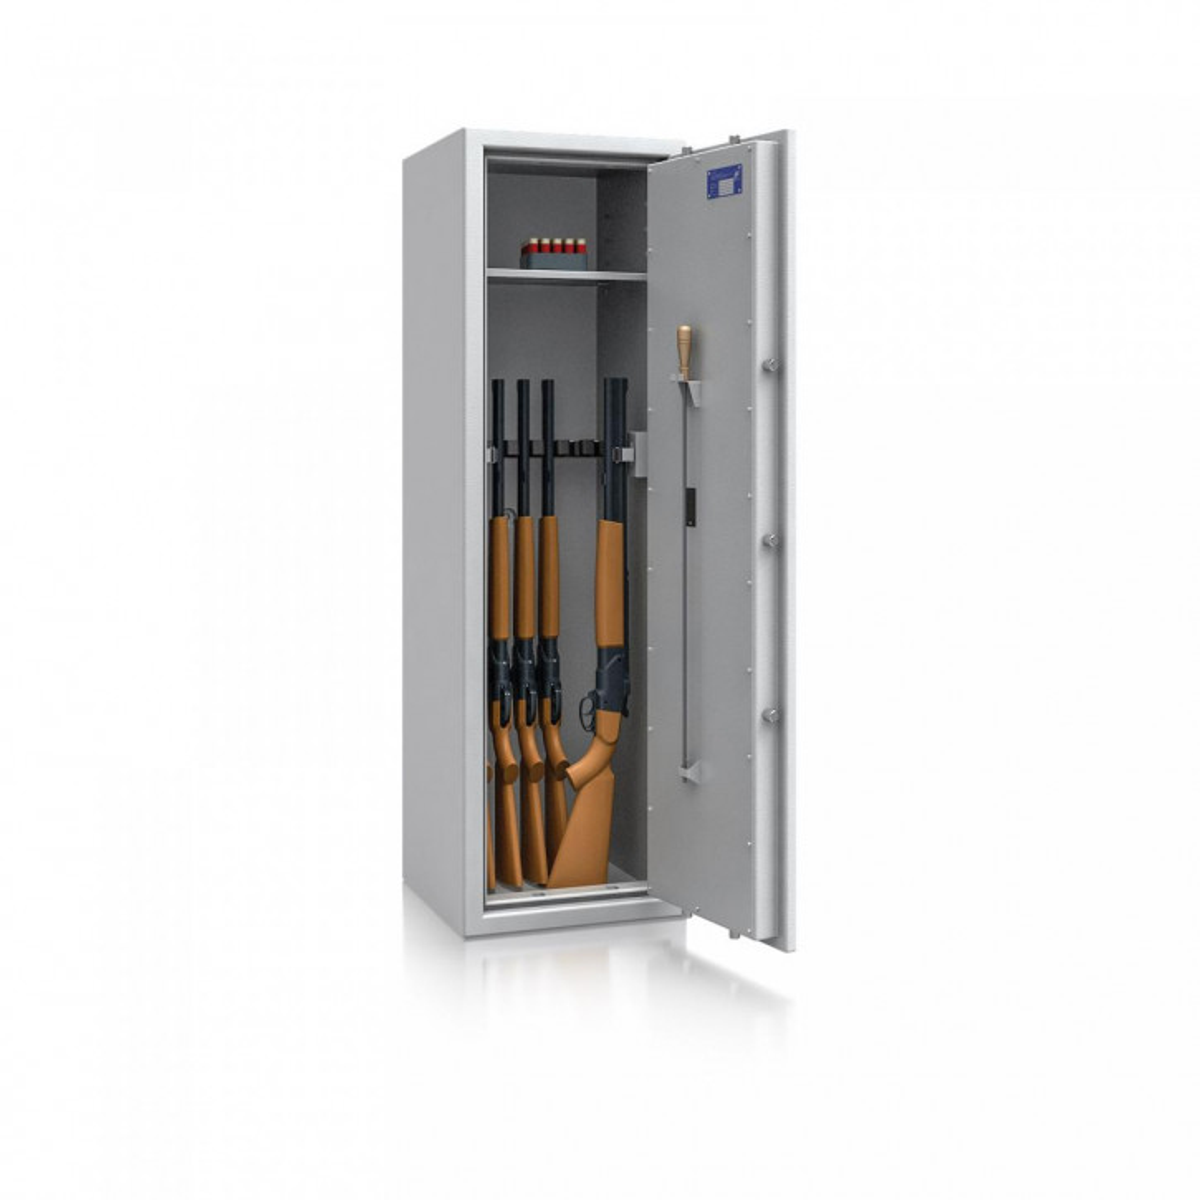 Waffenschrank St. Gallen WF NEW 5 - 1500x450x450 / 170kg 56474 / Klasse I / RAL7035 / Elektr. Basic / DIN R